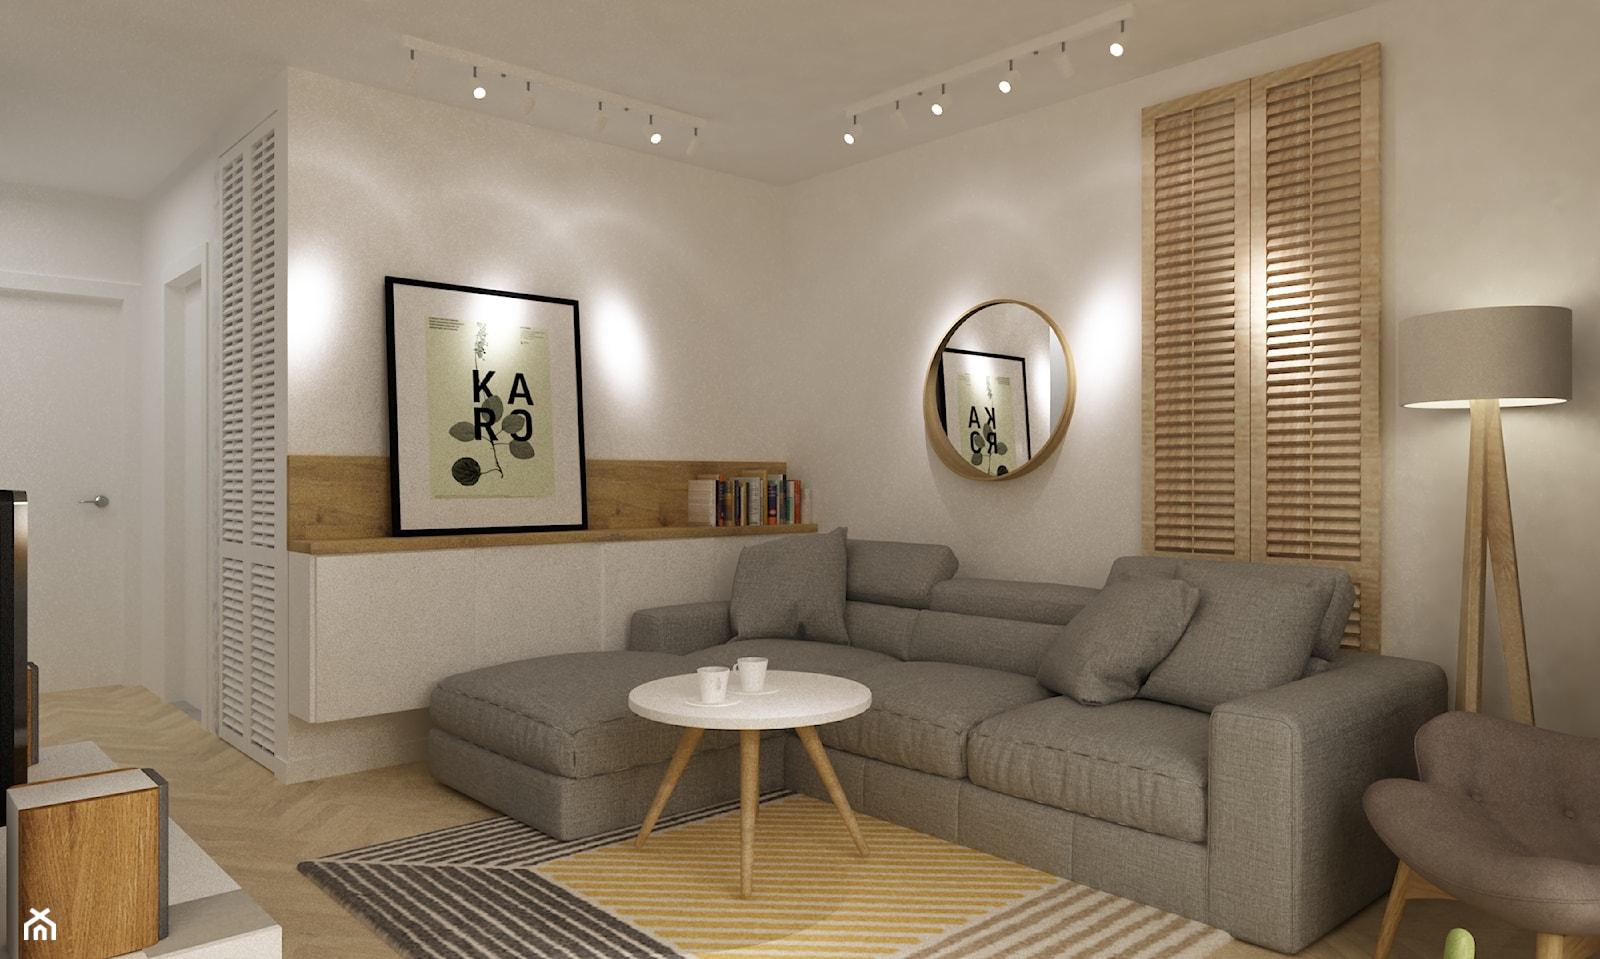 kabaty metamorfoza 60m2 - Średni biały salon, styl skandynawski - zdjęcie od Grafika i Projekt architektura wnętrz - Homebook